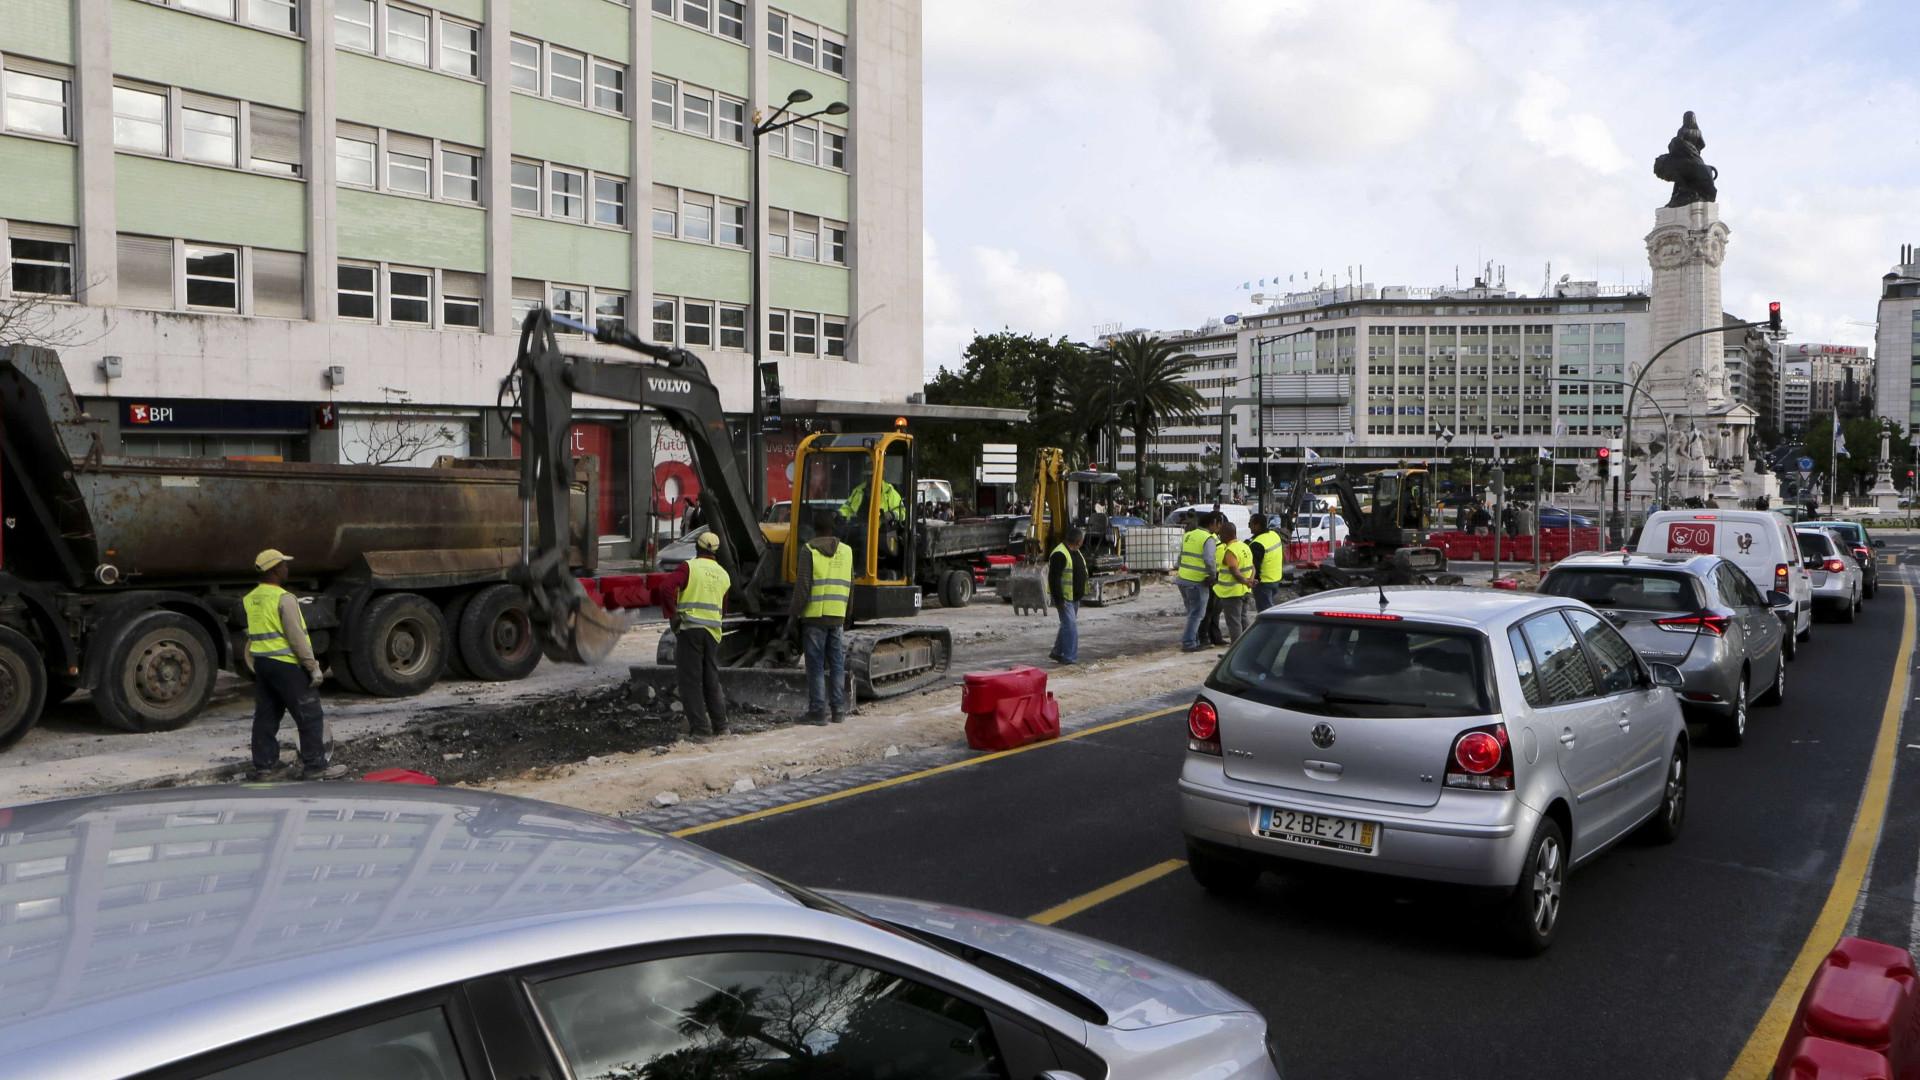 Oposição em Lisboa critica coincidência de obras e fala em eleitoralismo